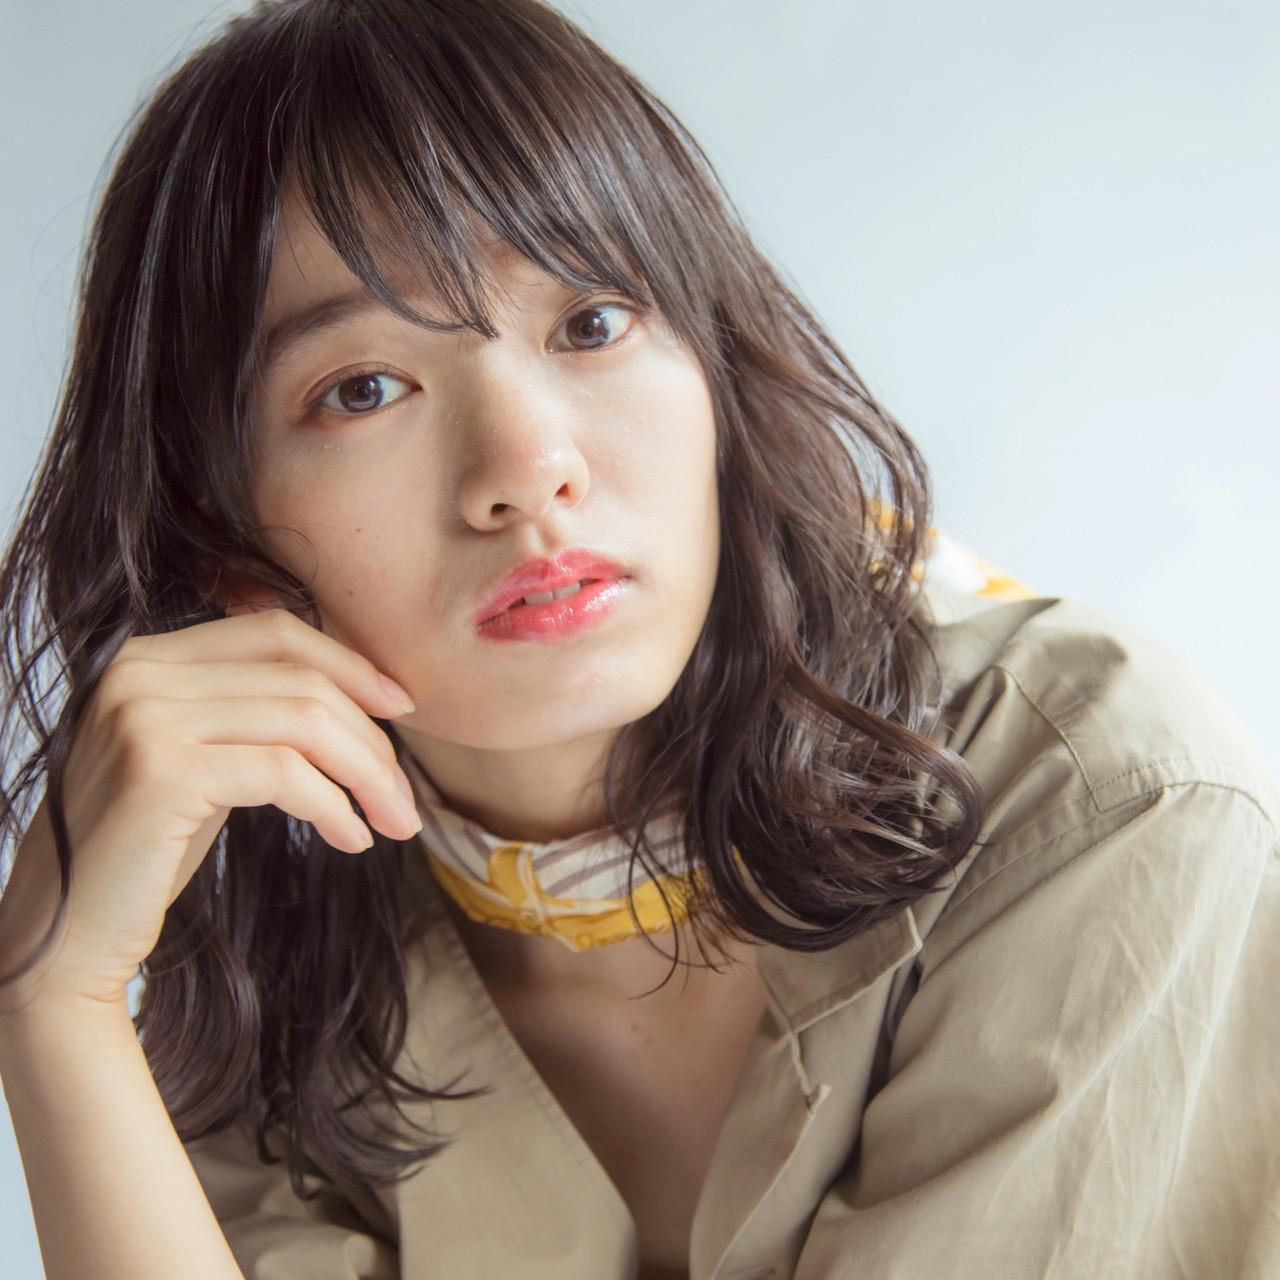 ゆるふわパーマ ミディアム ミディアムレイヤー フェミニン ヘアスタイルや髪型の写真・画像